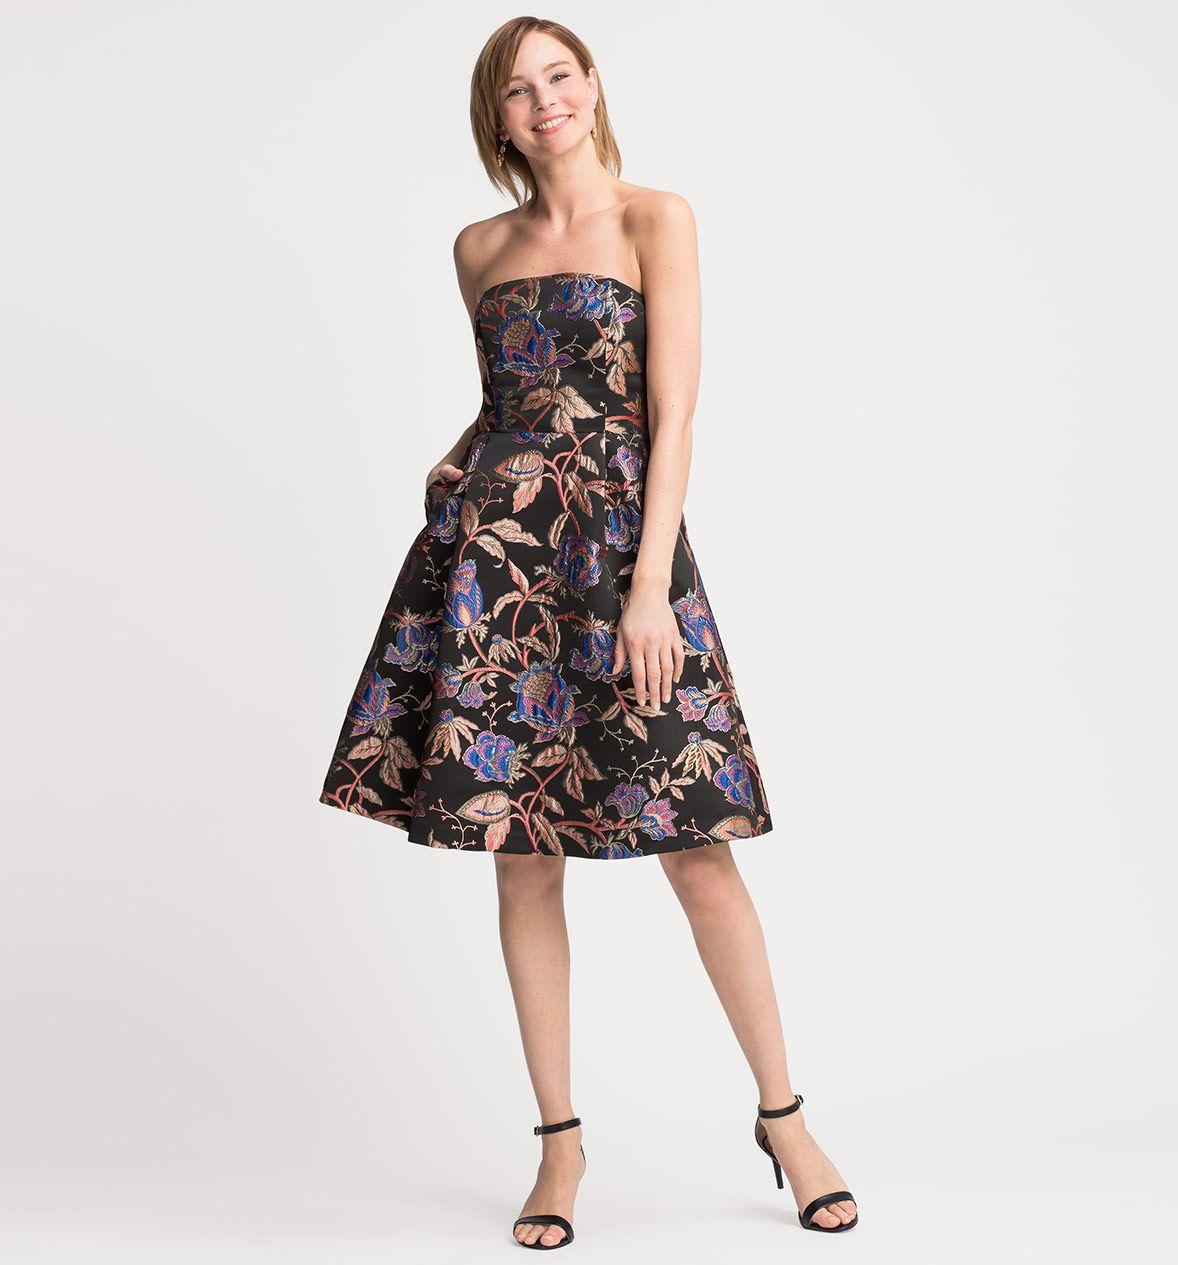 L2017 Sklep Internetowy C A Sukienka Kolor Kolorowy Dobra Jakosc W Niskiej Cenie Dresses Fashion Strapless Dress